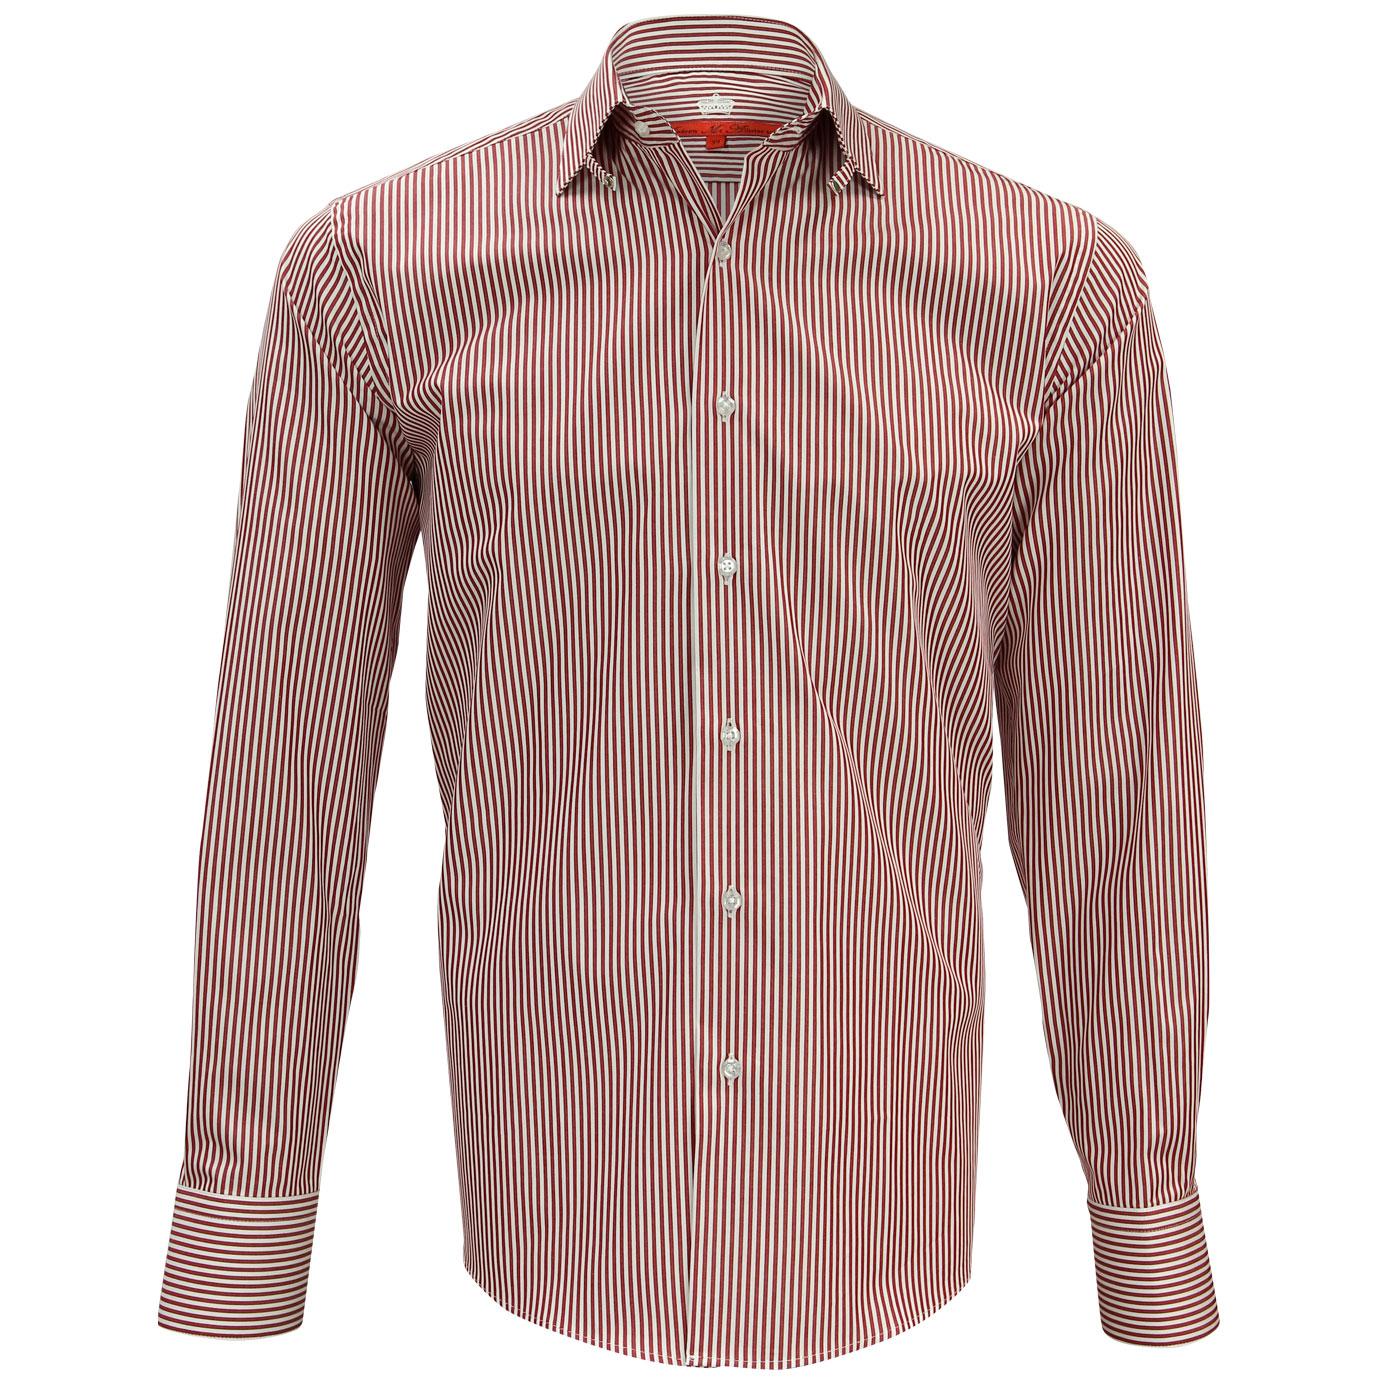 chemise et cravate comment bien assortir chemise et cravate. Black Bedroom Furniture Sets. Home Design Ideas